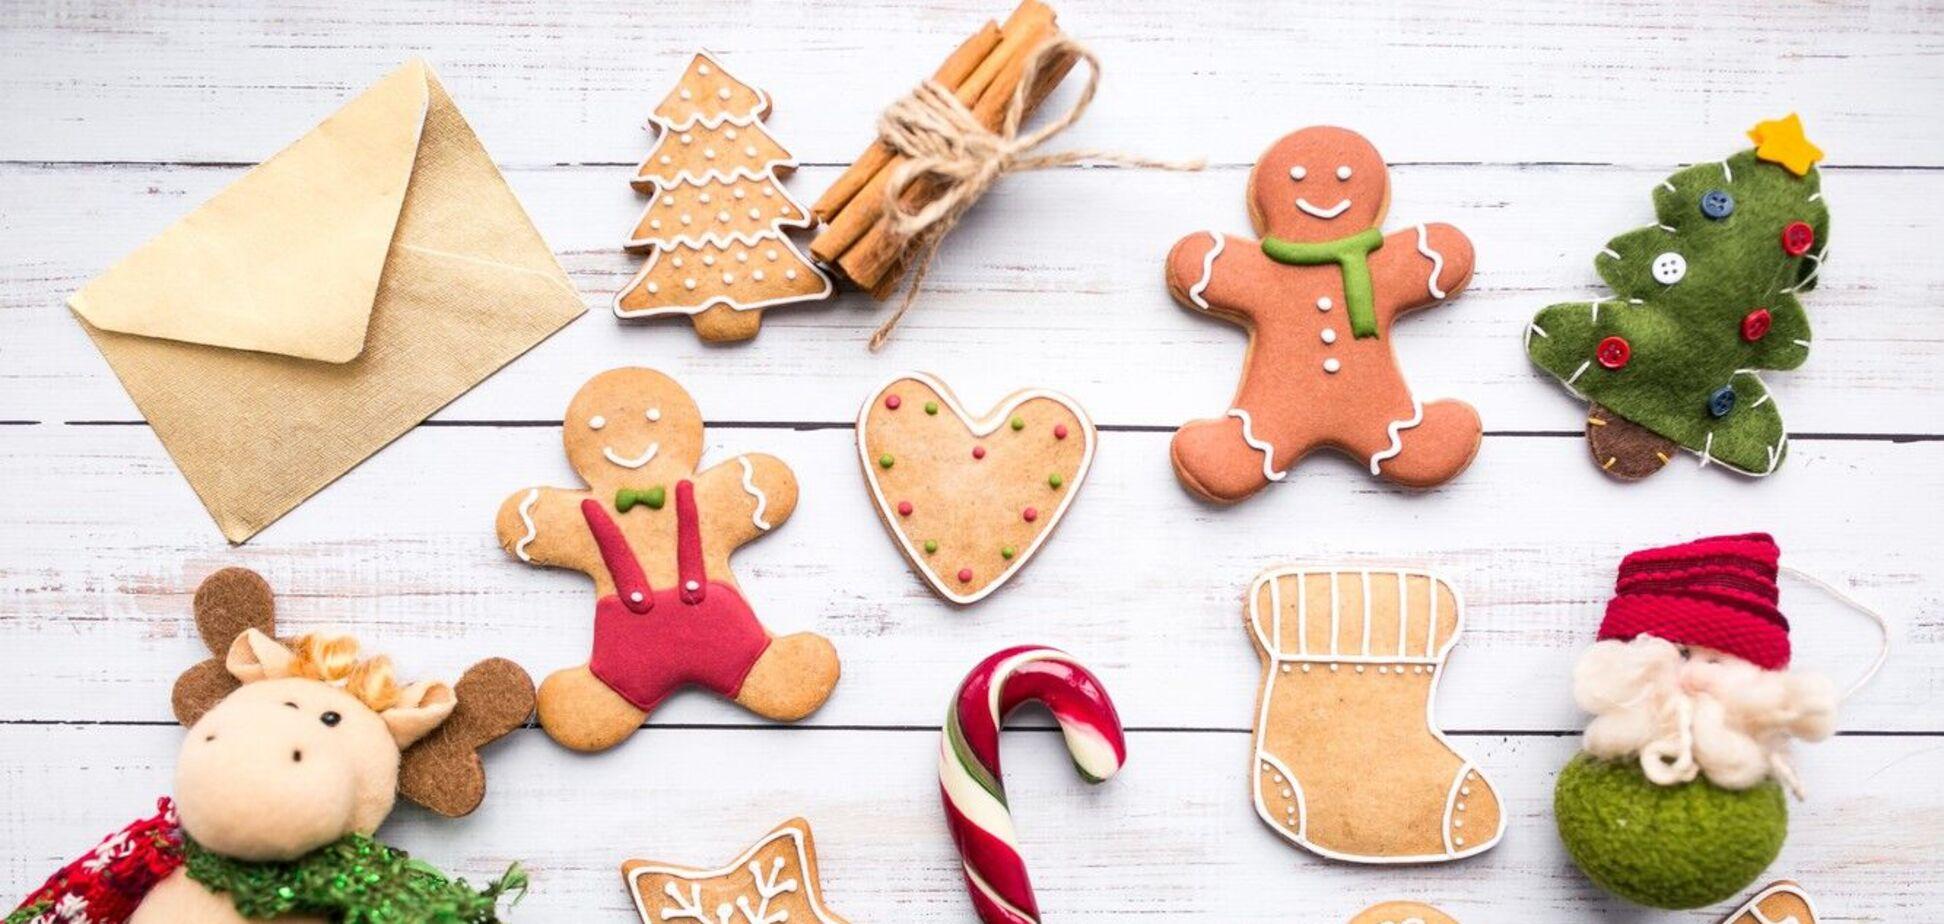 Які солодощі печуть на День святого Миколая в різних країнах: кондитерка опублікувала список